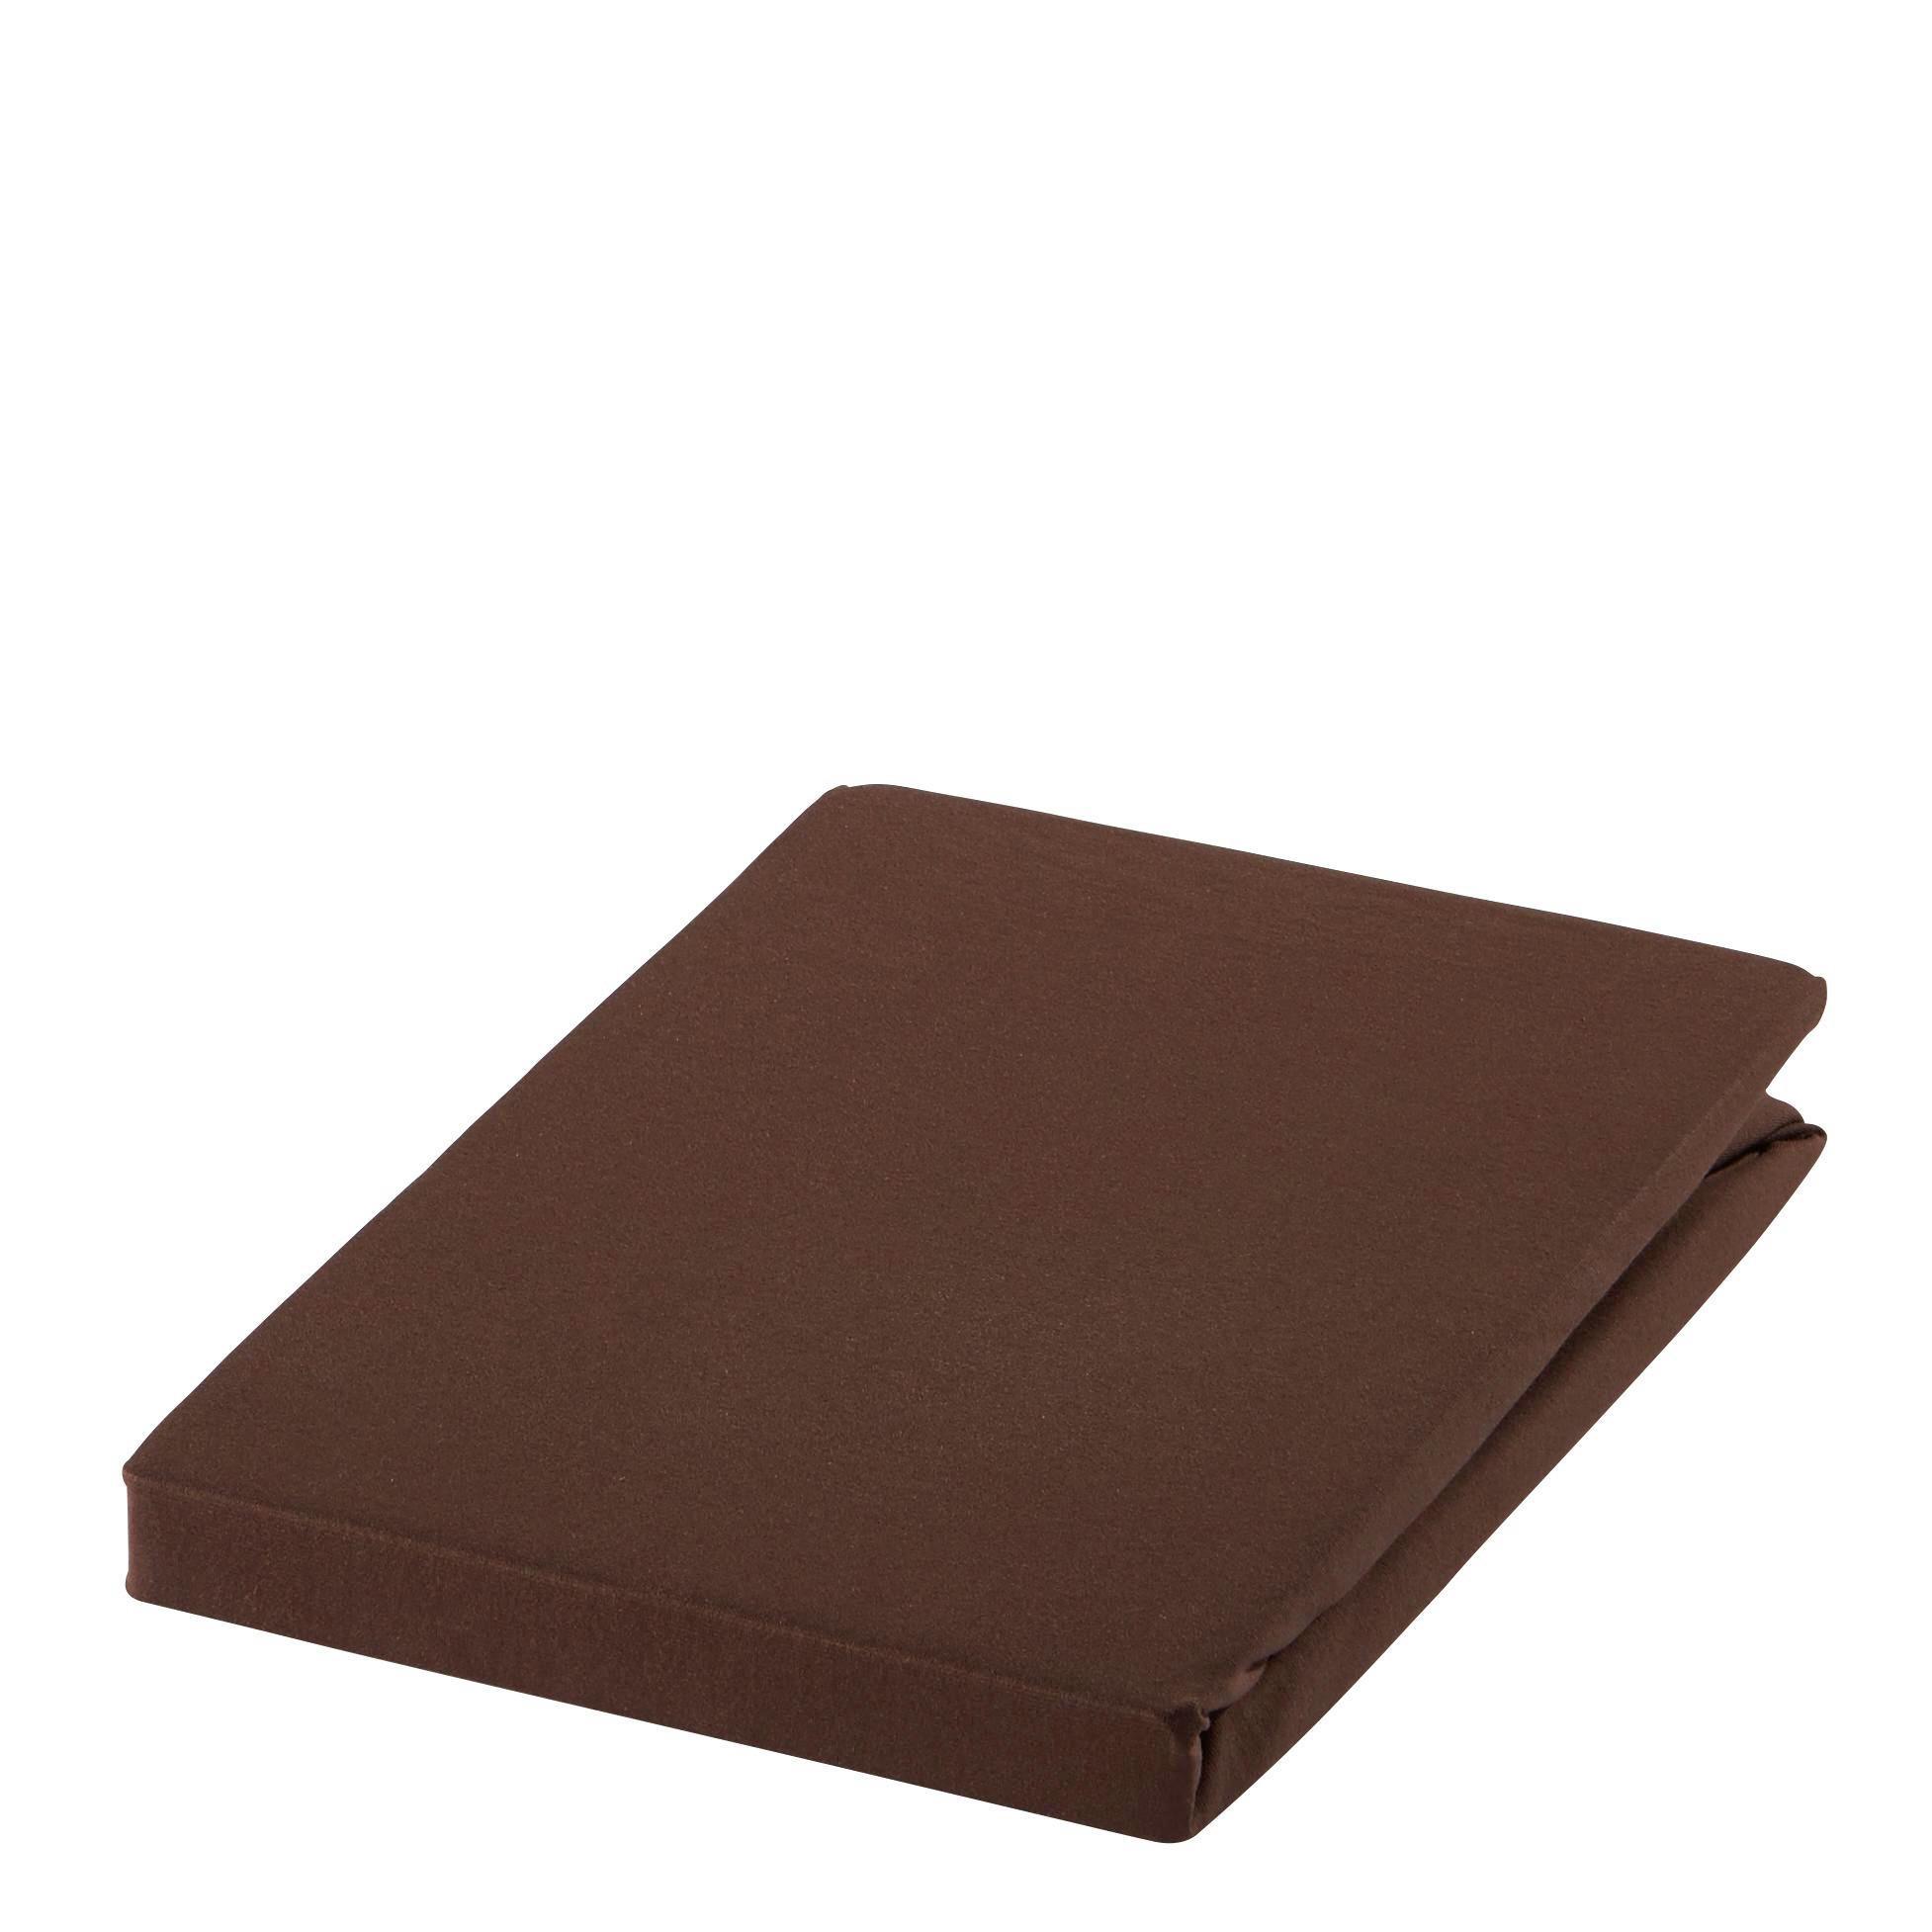 SPANNBETTTUCH Zwirn-Jersey Dunkelbraun bügelfrei, für Wasserbetten geeignet - Dunkelbraun, Basics, Textil (150/200cm) - ESTELLA